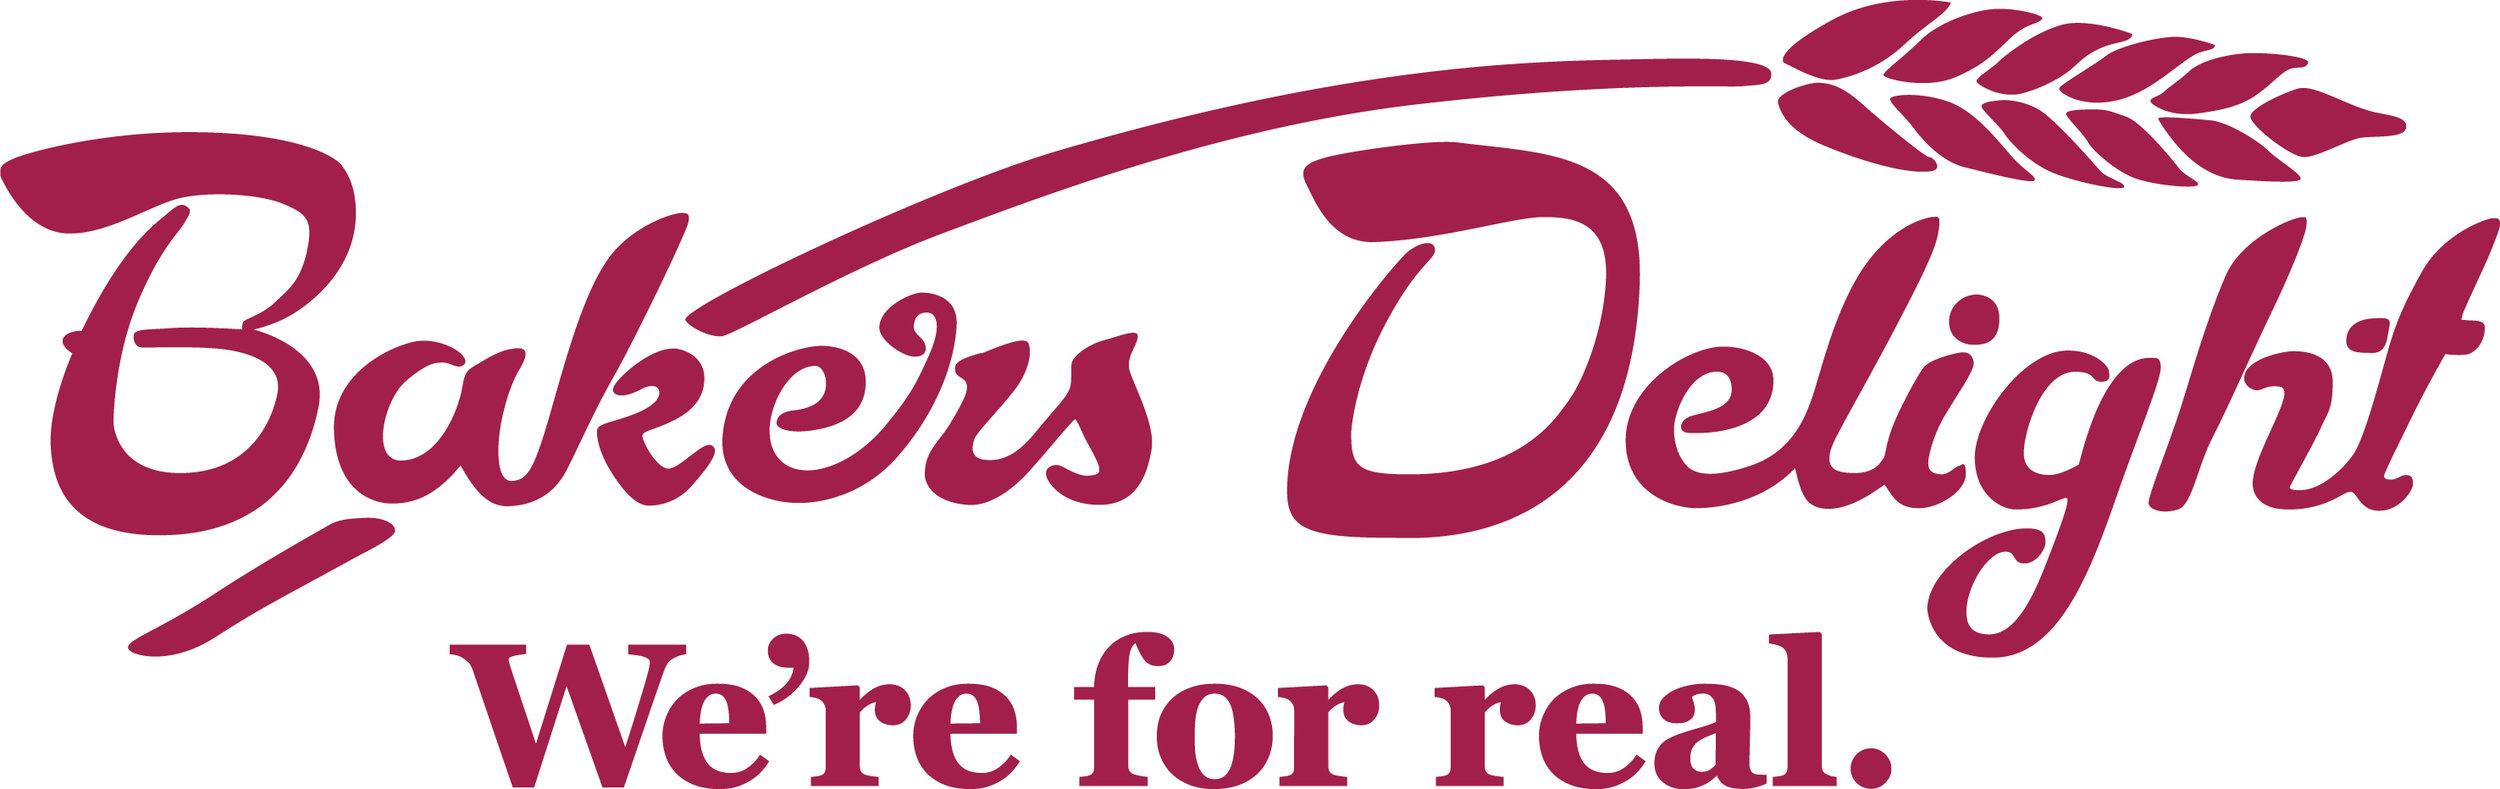 bd logo & strap standard black